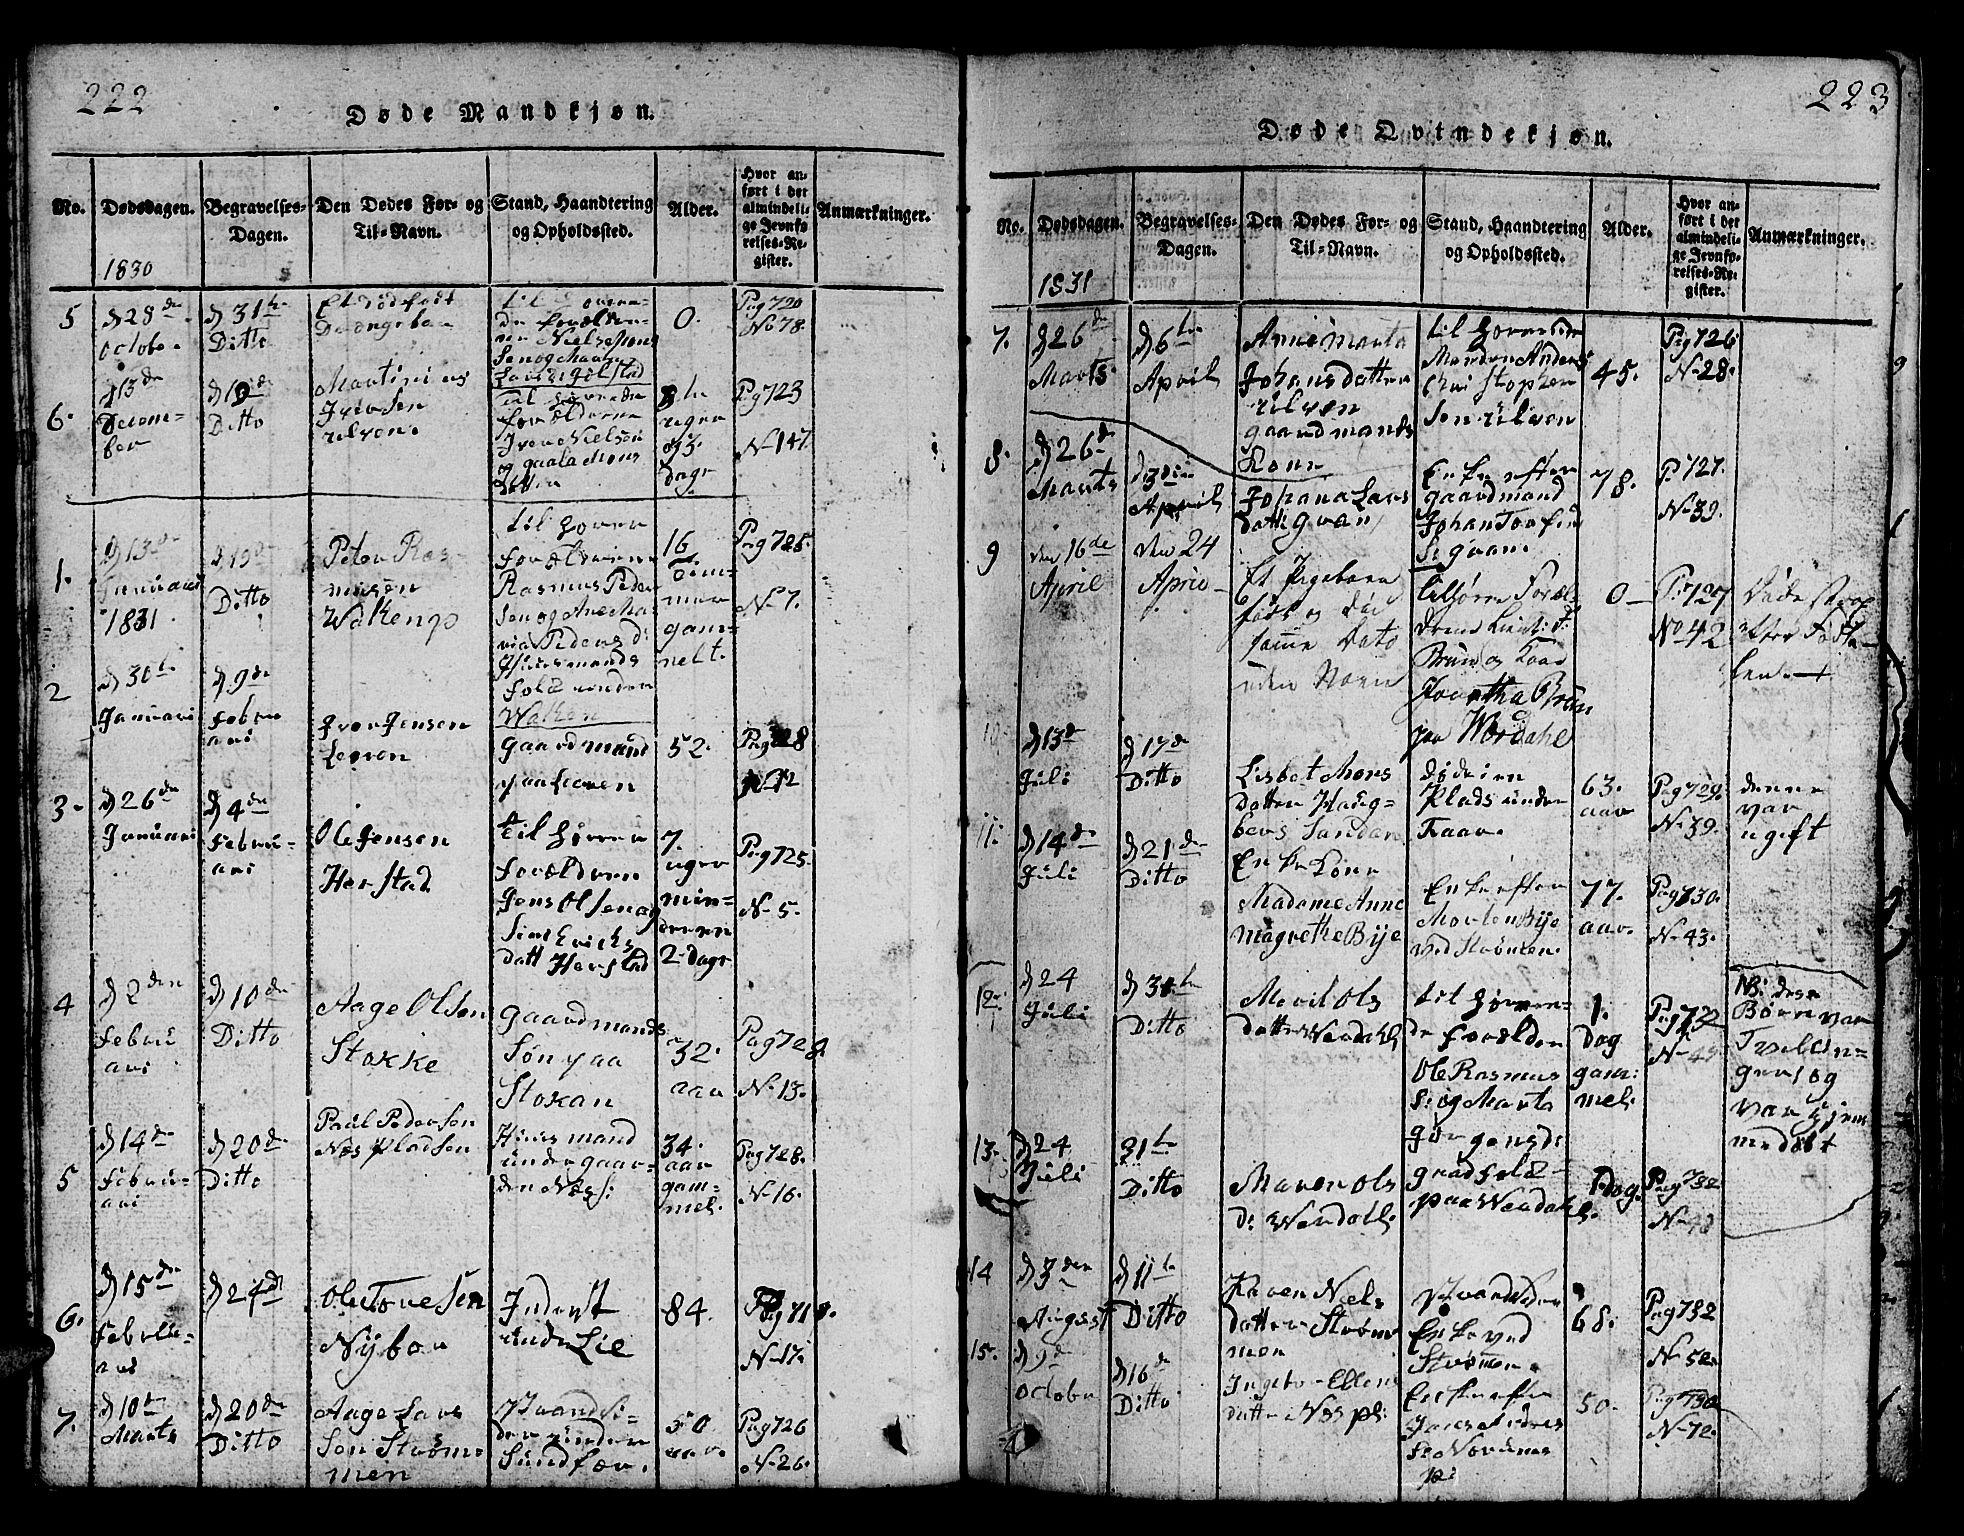 SAT, Ministerialprotokoller, klokkerbøker og fødselsregistre - Nord-Trøndelag, 730/L0298: Klokkerbok nr. 730C01, 1816-1849, s. 222-223